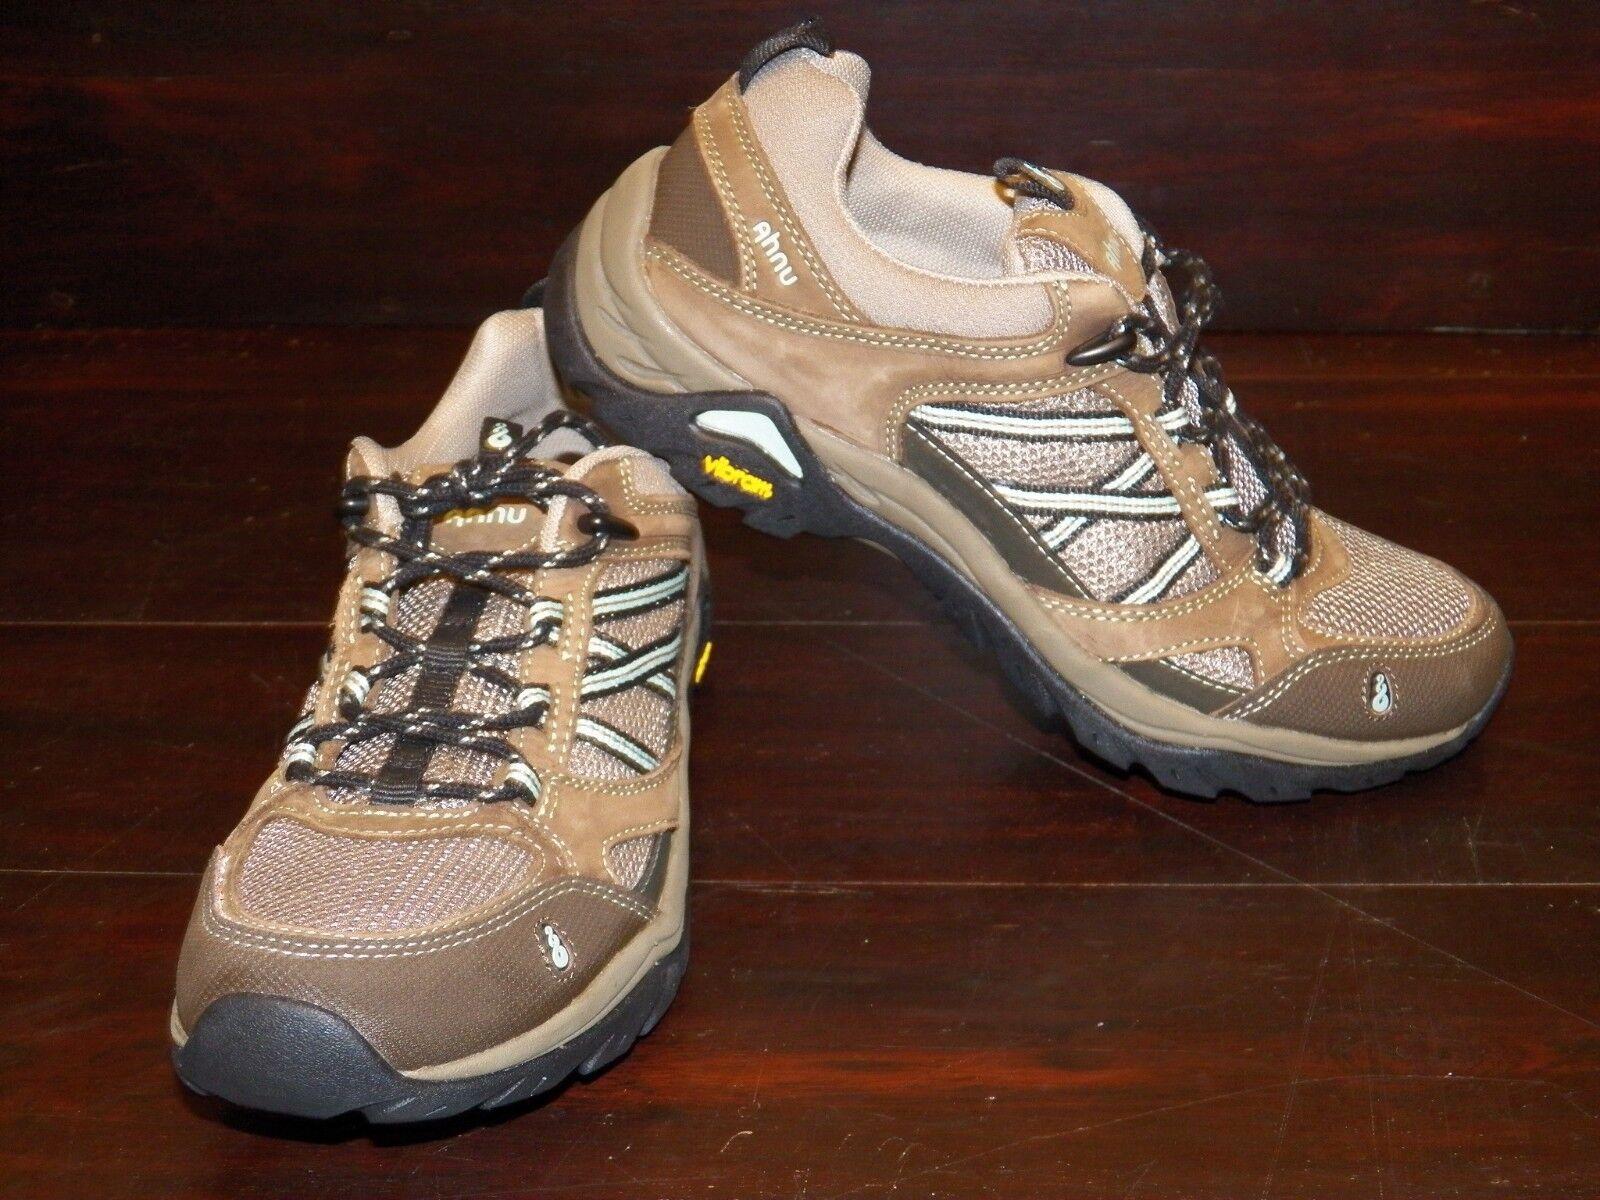 NEU Damenschuhe Ahnu Sequoia Braun Hiking Trail Stiefel Schuhes Vibram Soles  ALL SIZES